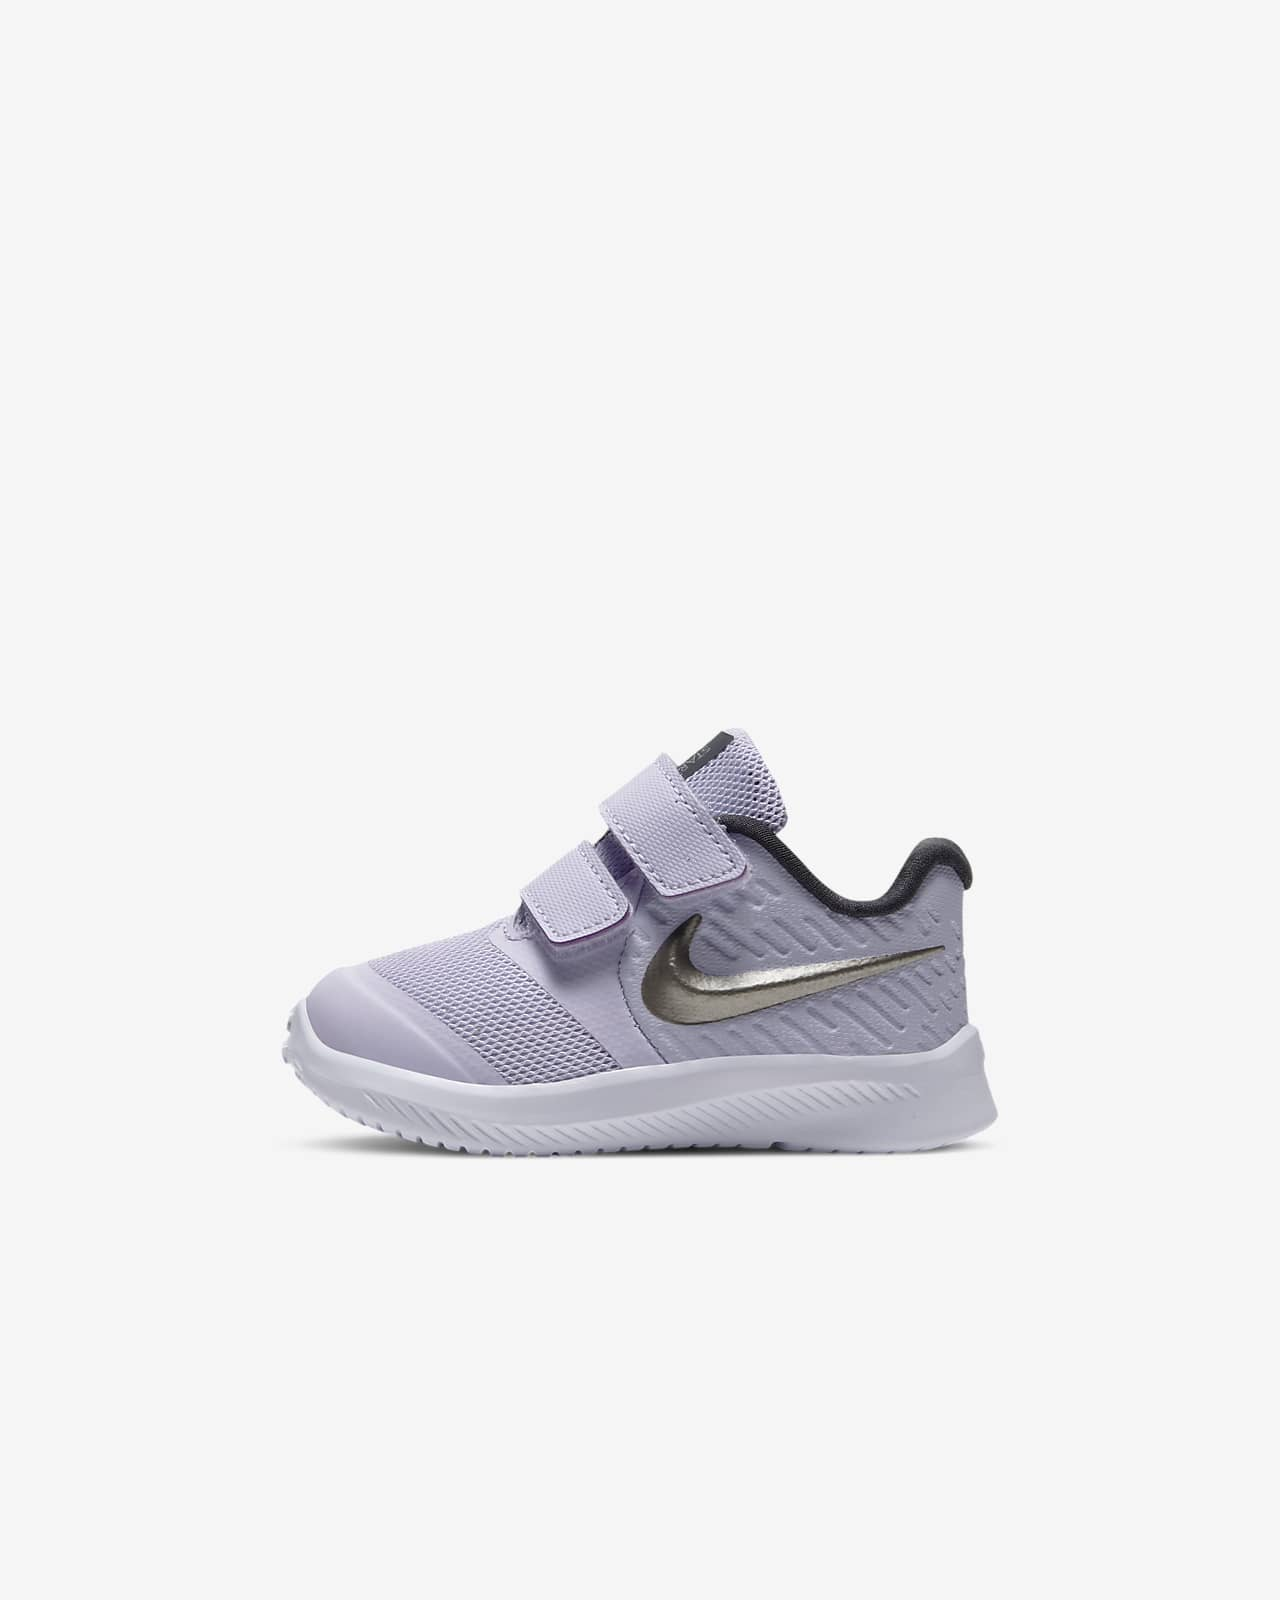 Calzado para bebé e infantil Nike Star Runner 2